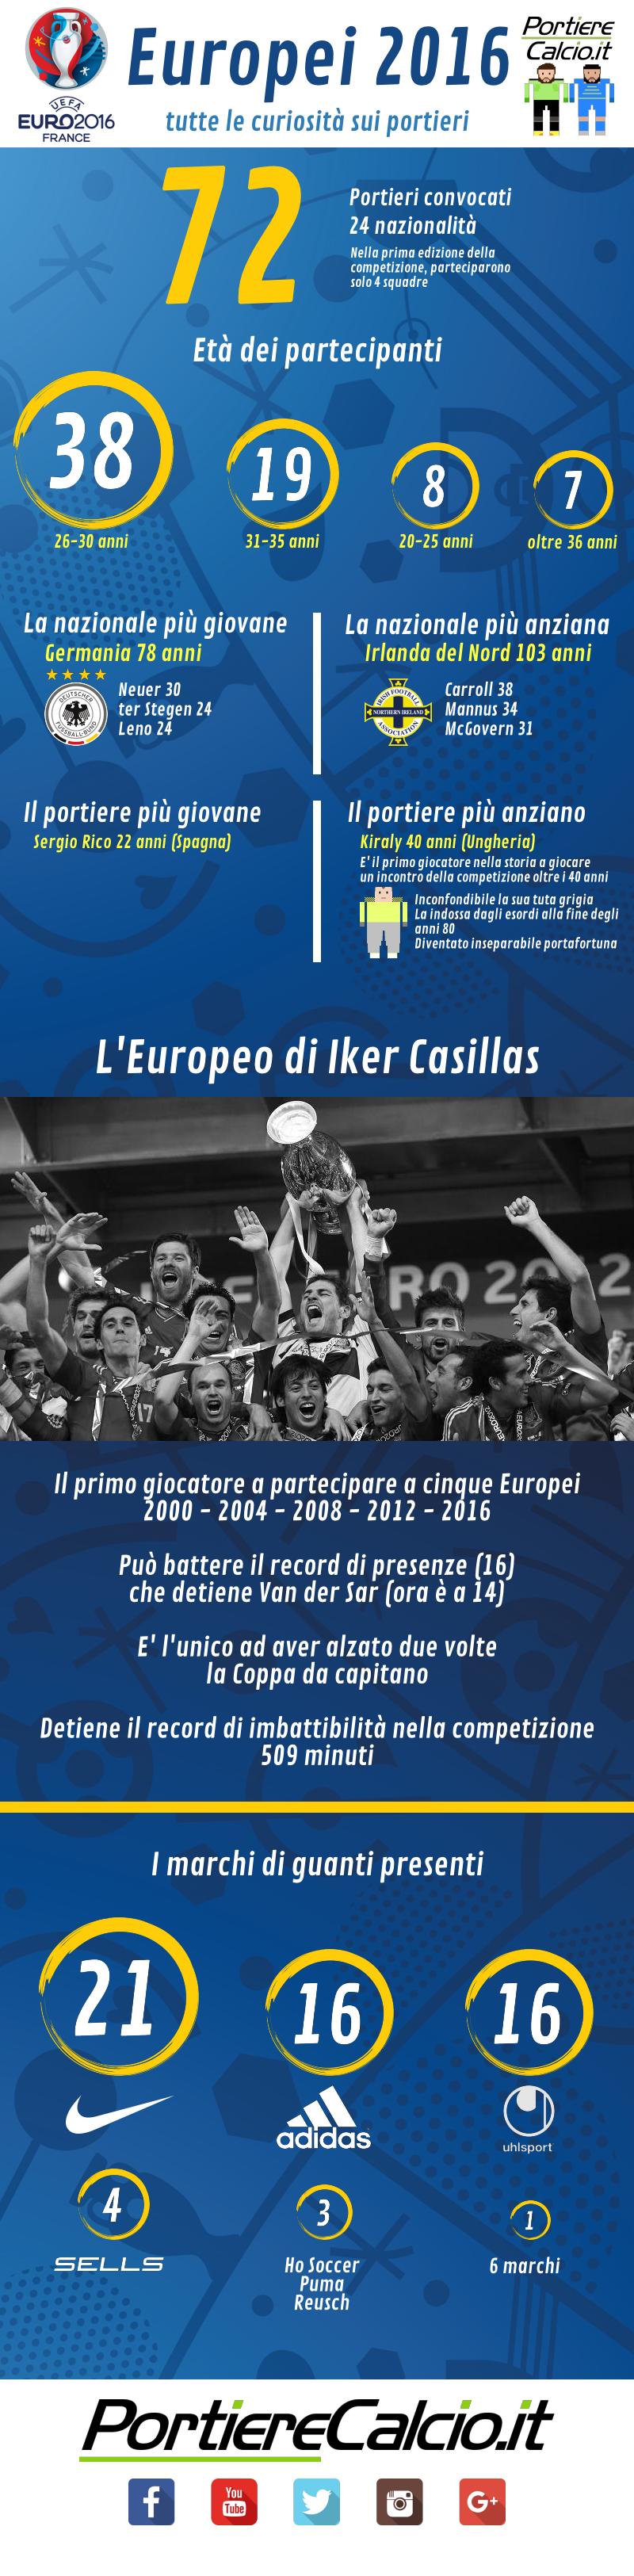 infografica con curiosità sui portieri che partecipano ai campionati europei di calcio in francia